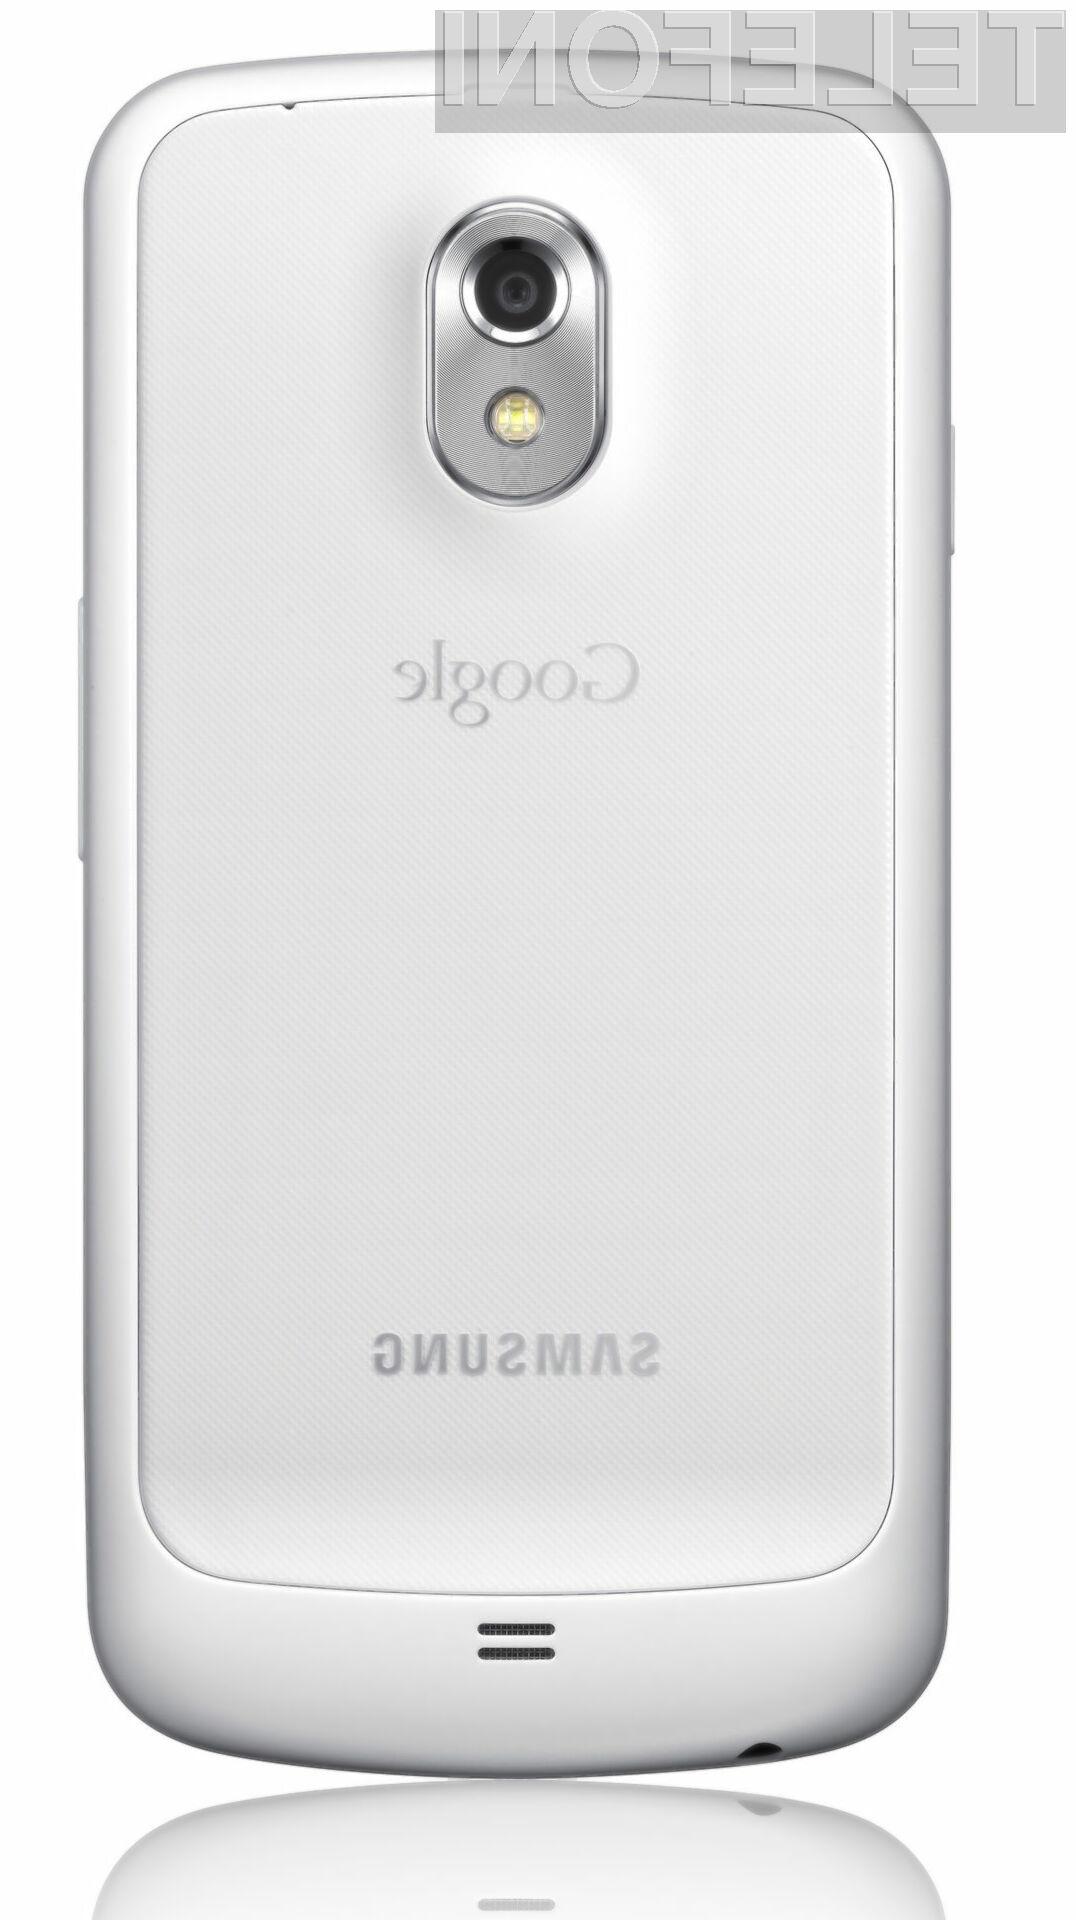 Mobilniku Galaxy Nexus bela barva vsekakor zelo pristoji.